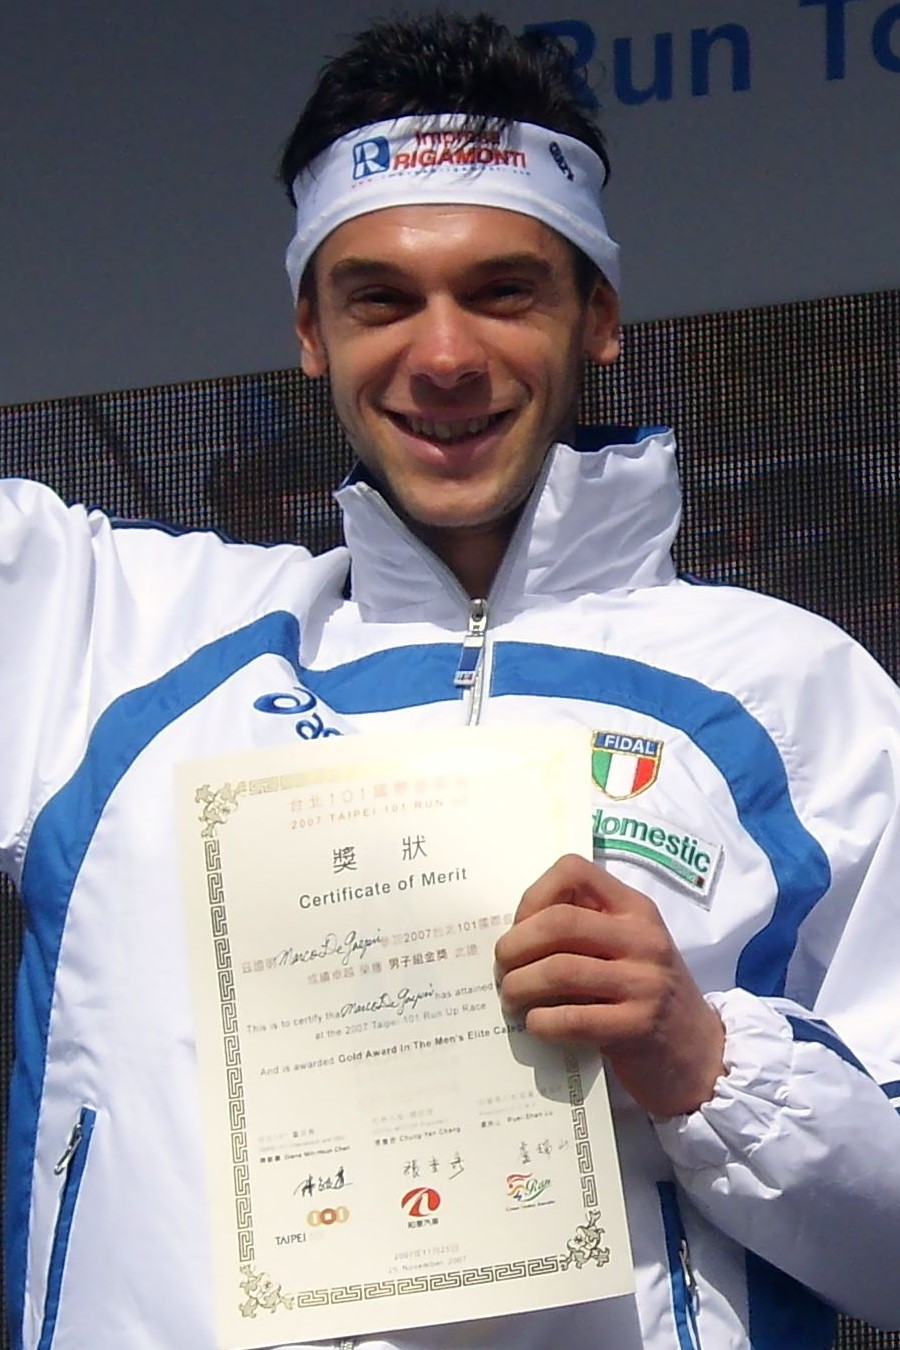 Marco De Gasperi - Wikipedia